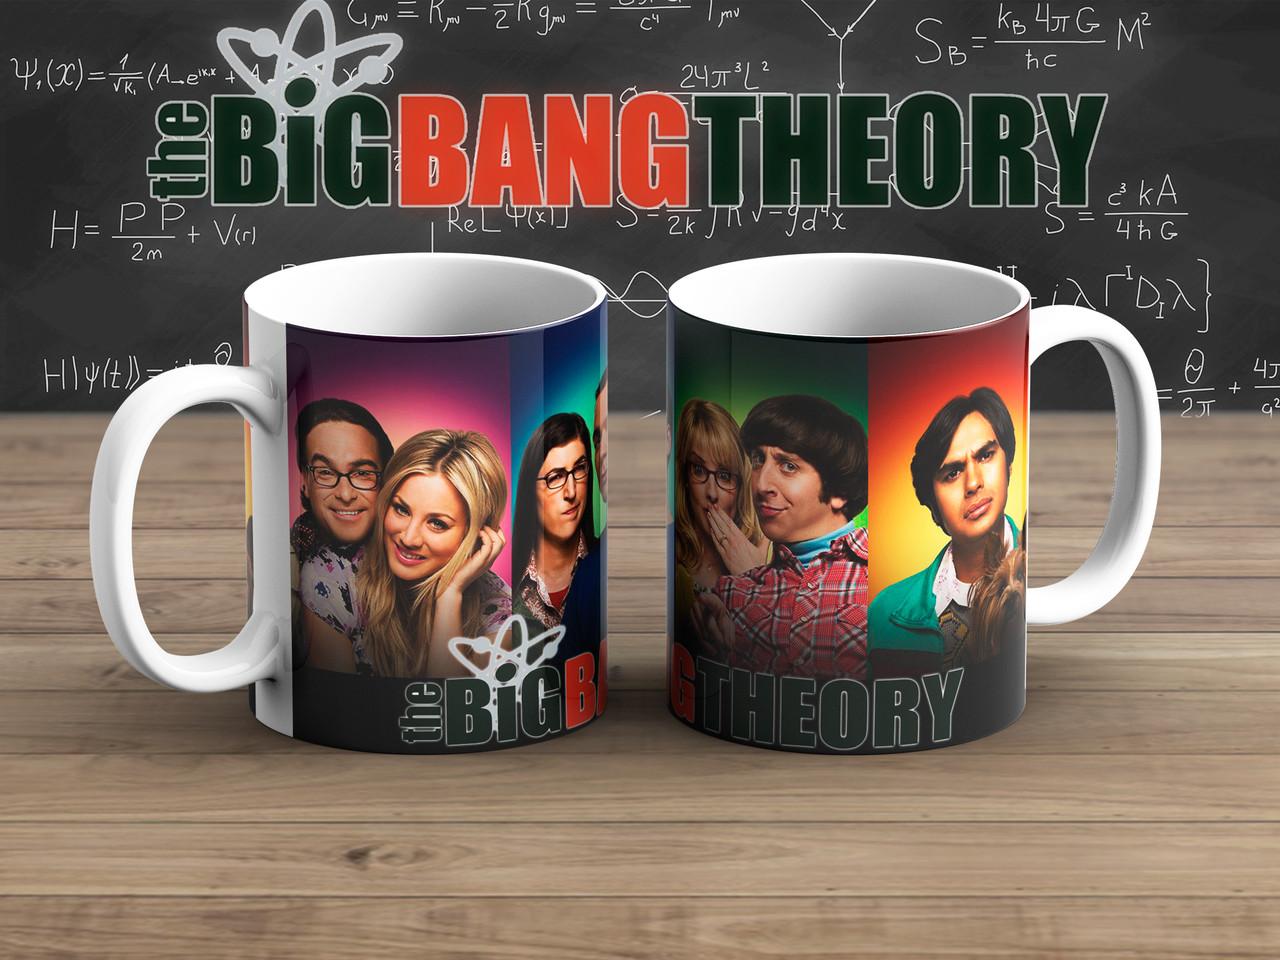 Чашка на разных фонах Теория Большого взрыва / The Big Bang Theory